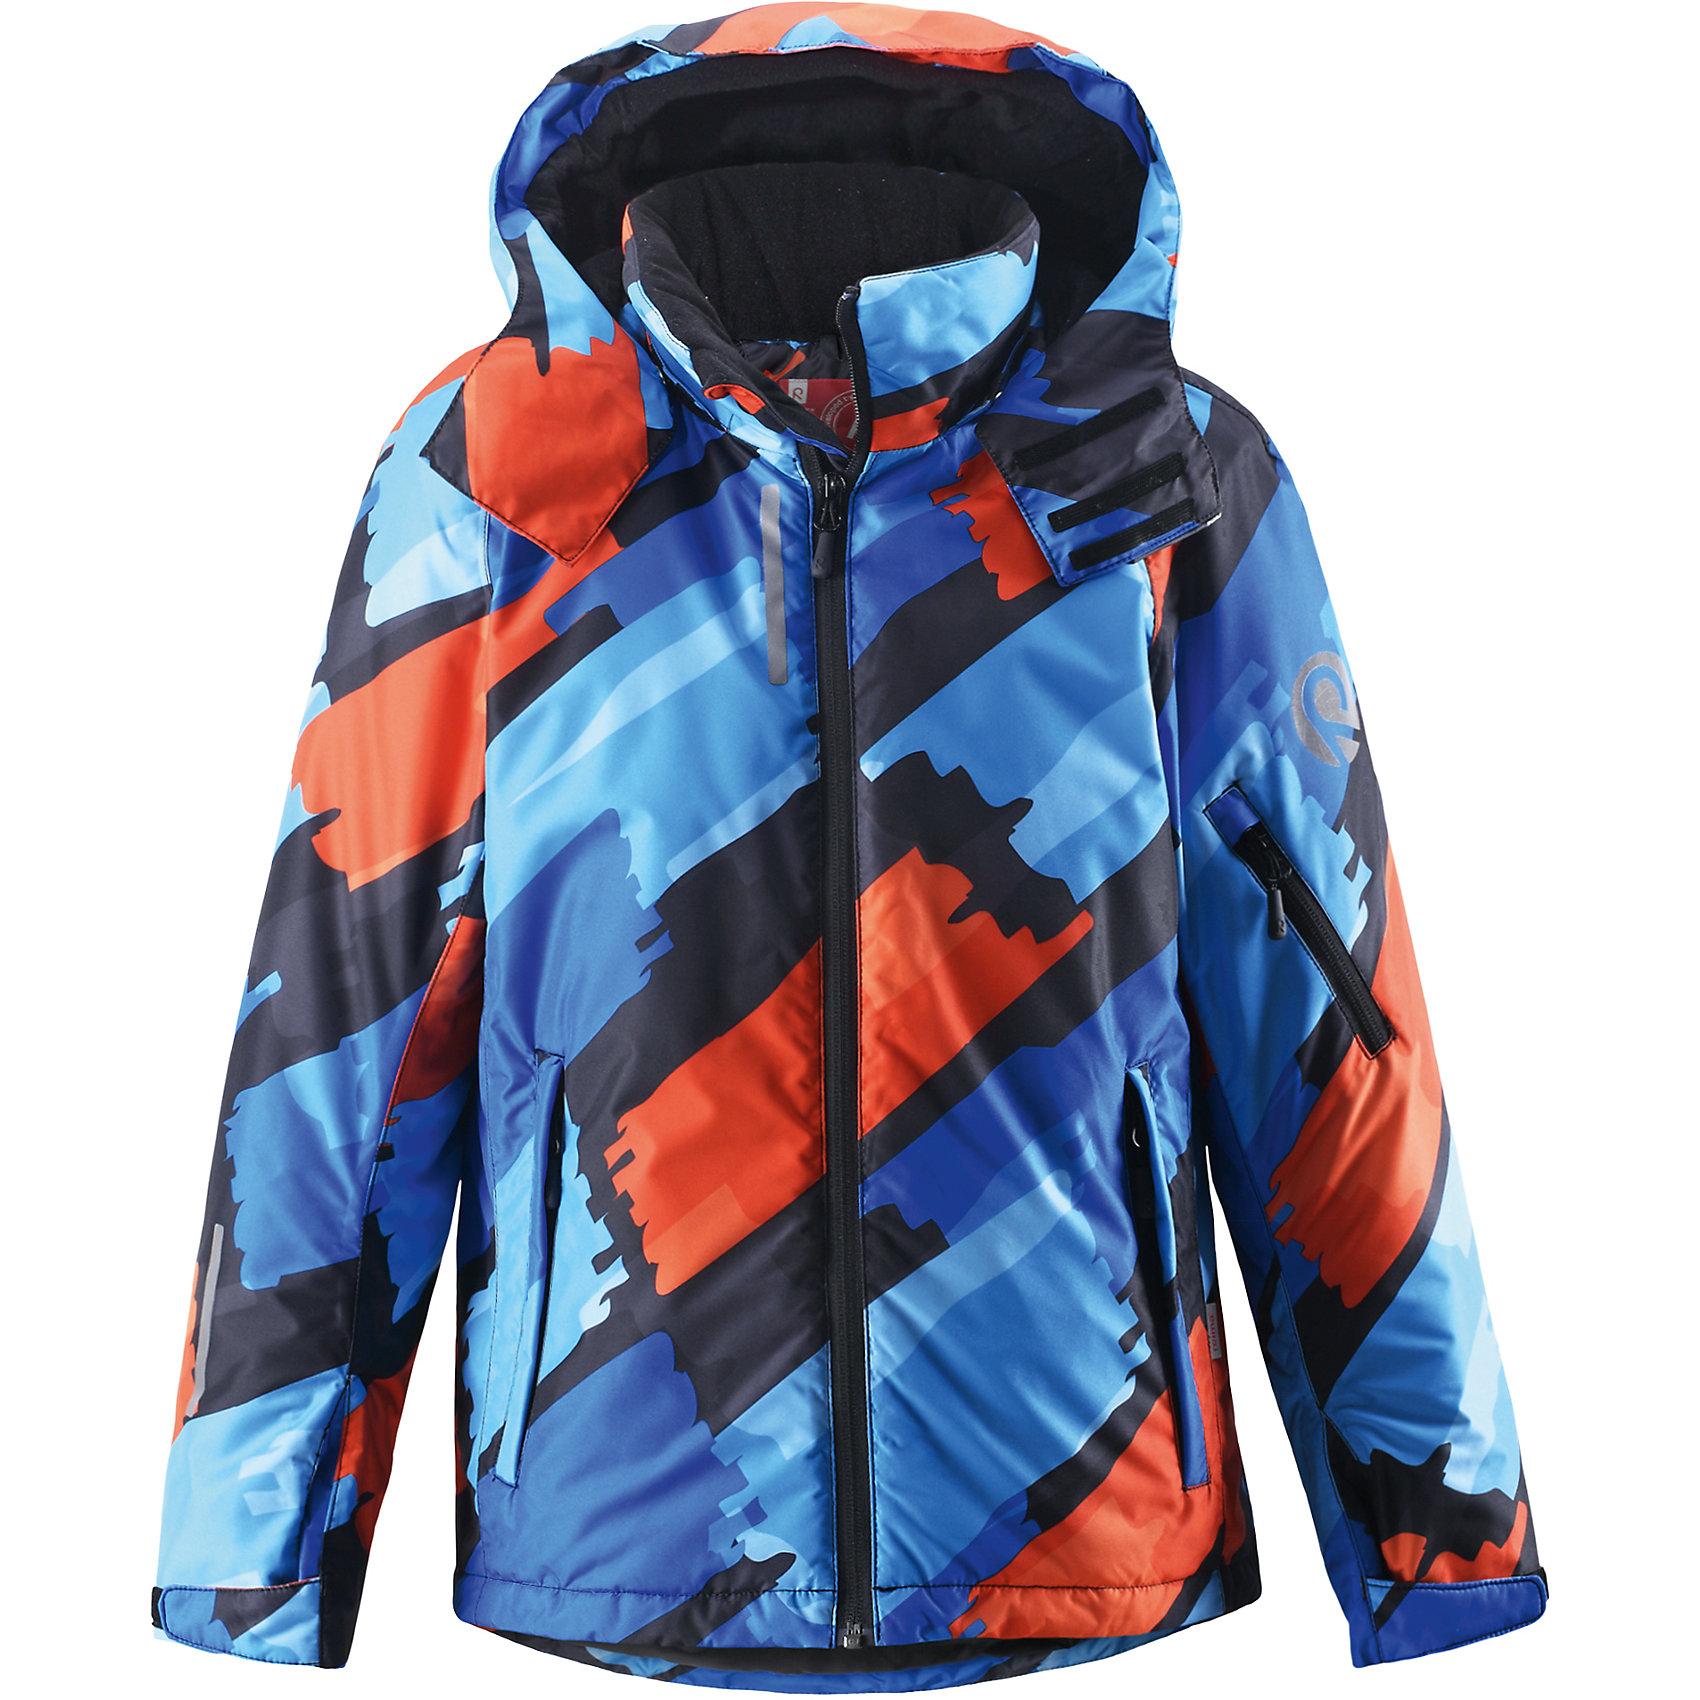 Куртка Detour для мальчика ReimaКуртка для мальчика Reima<br>Зимняя куртка для подростков. Основные швы проклеены и не пропускают влагу. Водо- и ветронепроницаемый, «дышащий» и грязеотталкивающий материал. Гладкая подкладка из полиэстра. Безопасный, отстегивающийся и регулируемый капюшон. Регулируемые манжеты и внутренние манжеты из лайкры. Регулируемый подол, снегозащитный манжет на талииНовая усовершенствованная молния — больше не застревает! Карманы на молнии, карман для skipass на рукаве. Карман для очков и внутренний нагрудный карман. Принт по всей поверхности.<br>Утеплитель: Reima® Flex insulation,140 g<br>Уход:<br>Стирать по отдельности, вывернув наизнанку. Застегнуть молнии и липучки. Стирать моющим средством, не содержащим отбеливающие вещества. Полоскать без специального средства. Во избежание изменения цвета изделие необходимо вынуть из стиральной машинки незамедлительно после окончания программы стирки. Сушить при низкой температуре.<br>Состав:<br>100% Полиамид, полиуретановое покрытие<br><br>Ширина мм: 356<br>Глубина мм: 10<br>Высота мм: 245<br>Вес г: 519<br>Цвет: голубой<br>Возраст от месяцев: 48<br>Возраст до месяцев: 60<br>Пол: Мужской<br>Возраст: Детский<br>Размер: 110,164,104,116,122,128,134,140,146,152,158<br>SKU: 4778657